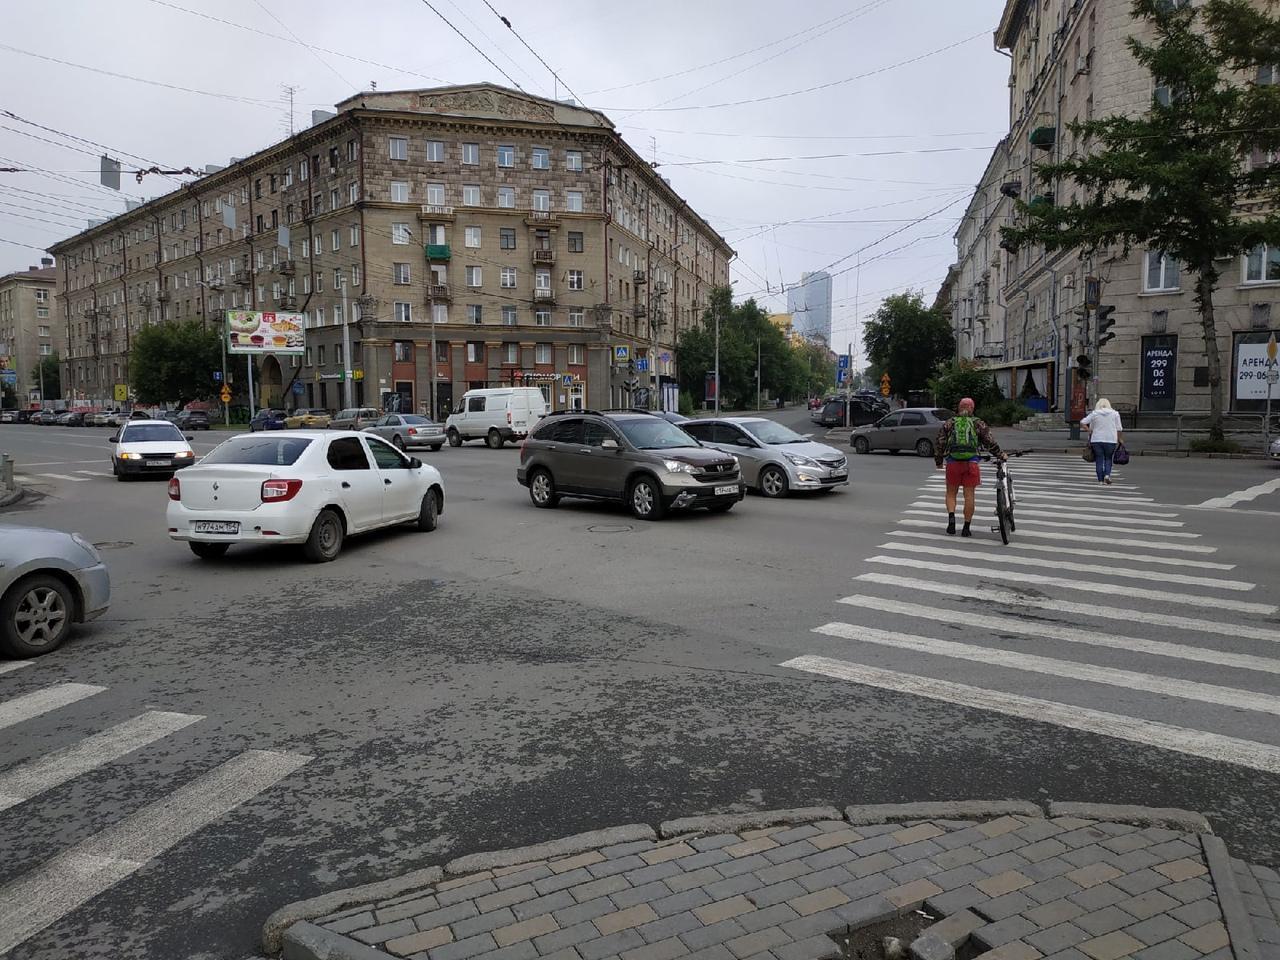 фото В центре Новосибирска четвёртый день не работает светофор 2